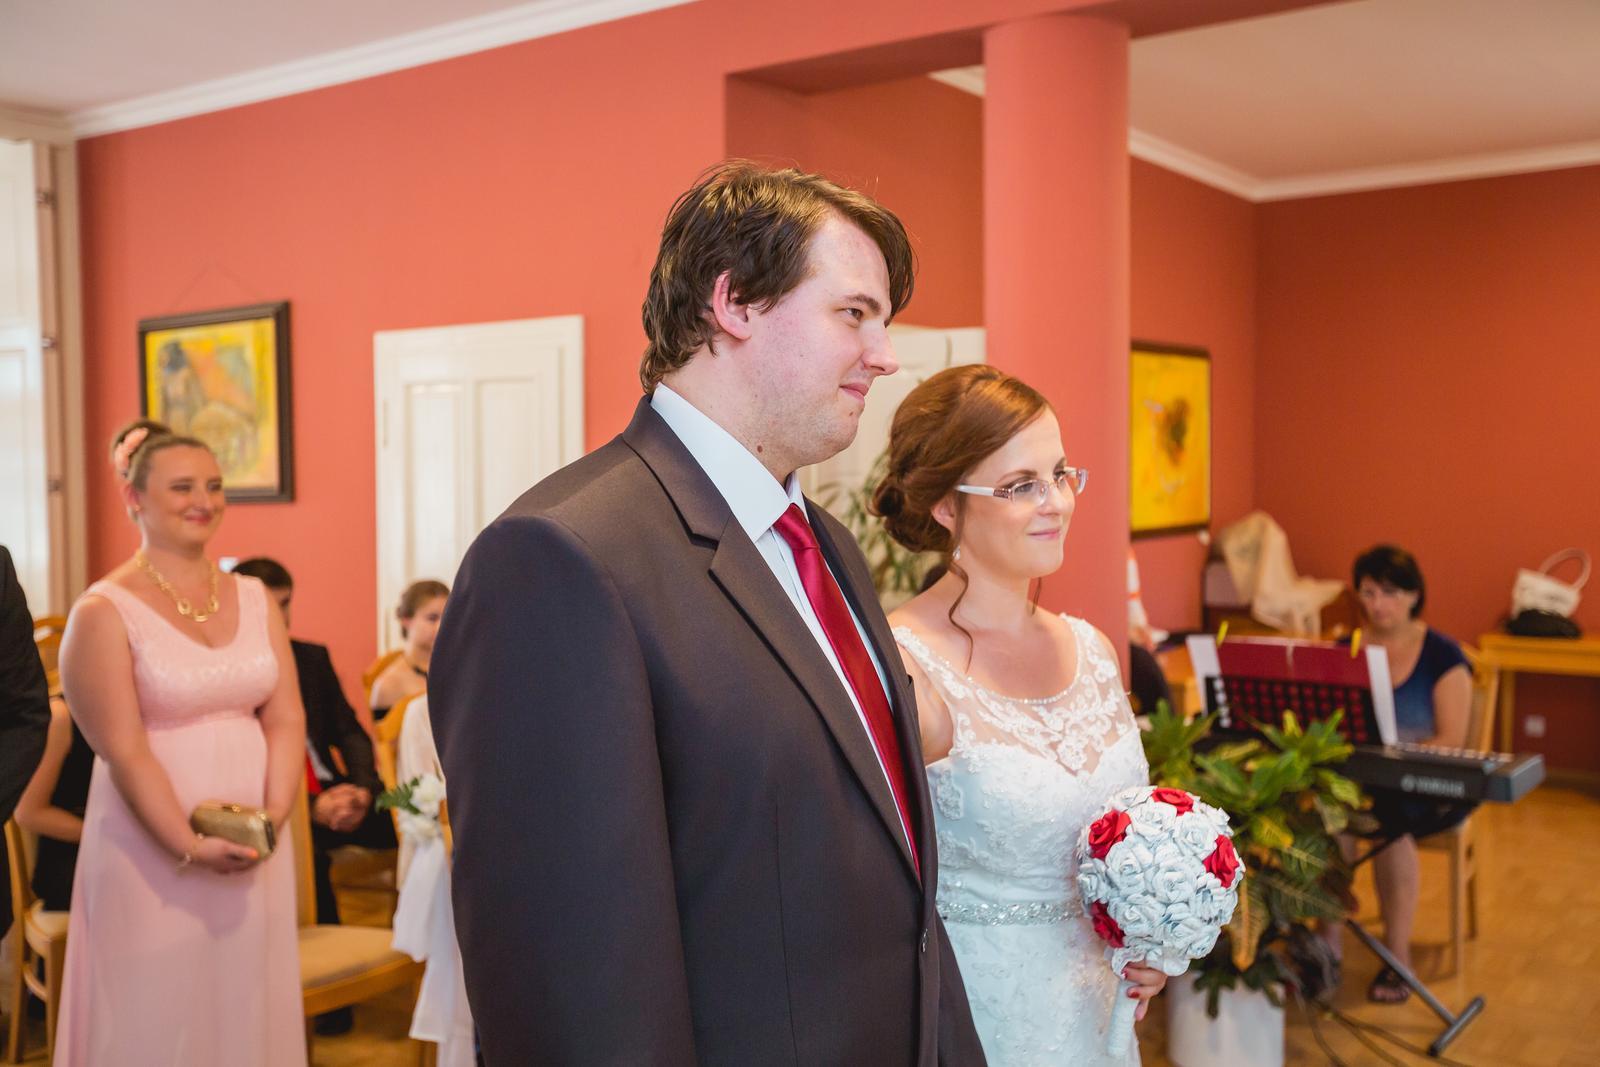 Janka{{_AND_}}Roman - knižná svadba - obrad sa mi veľmi páčil. Vila Košťálová bola správna voľba.